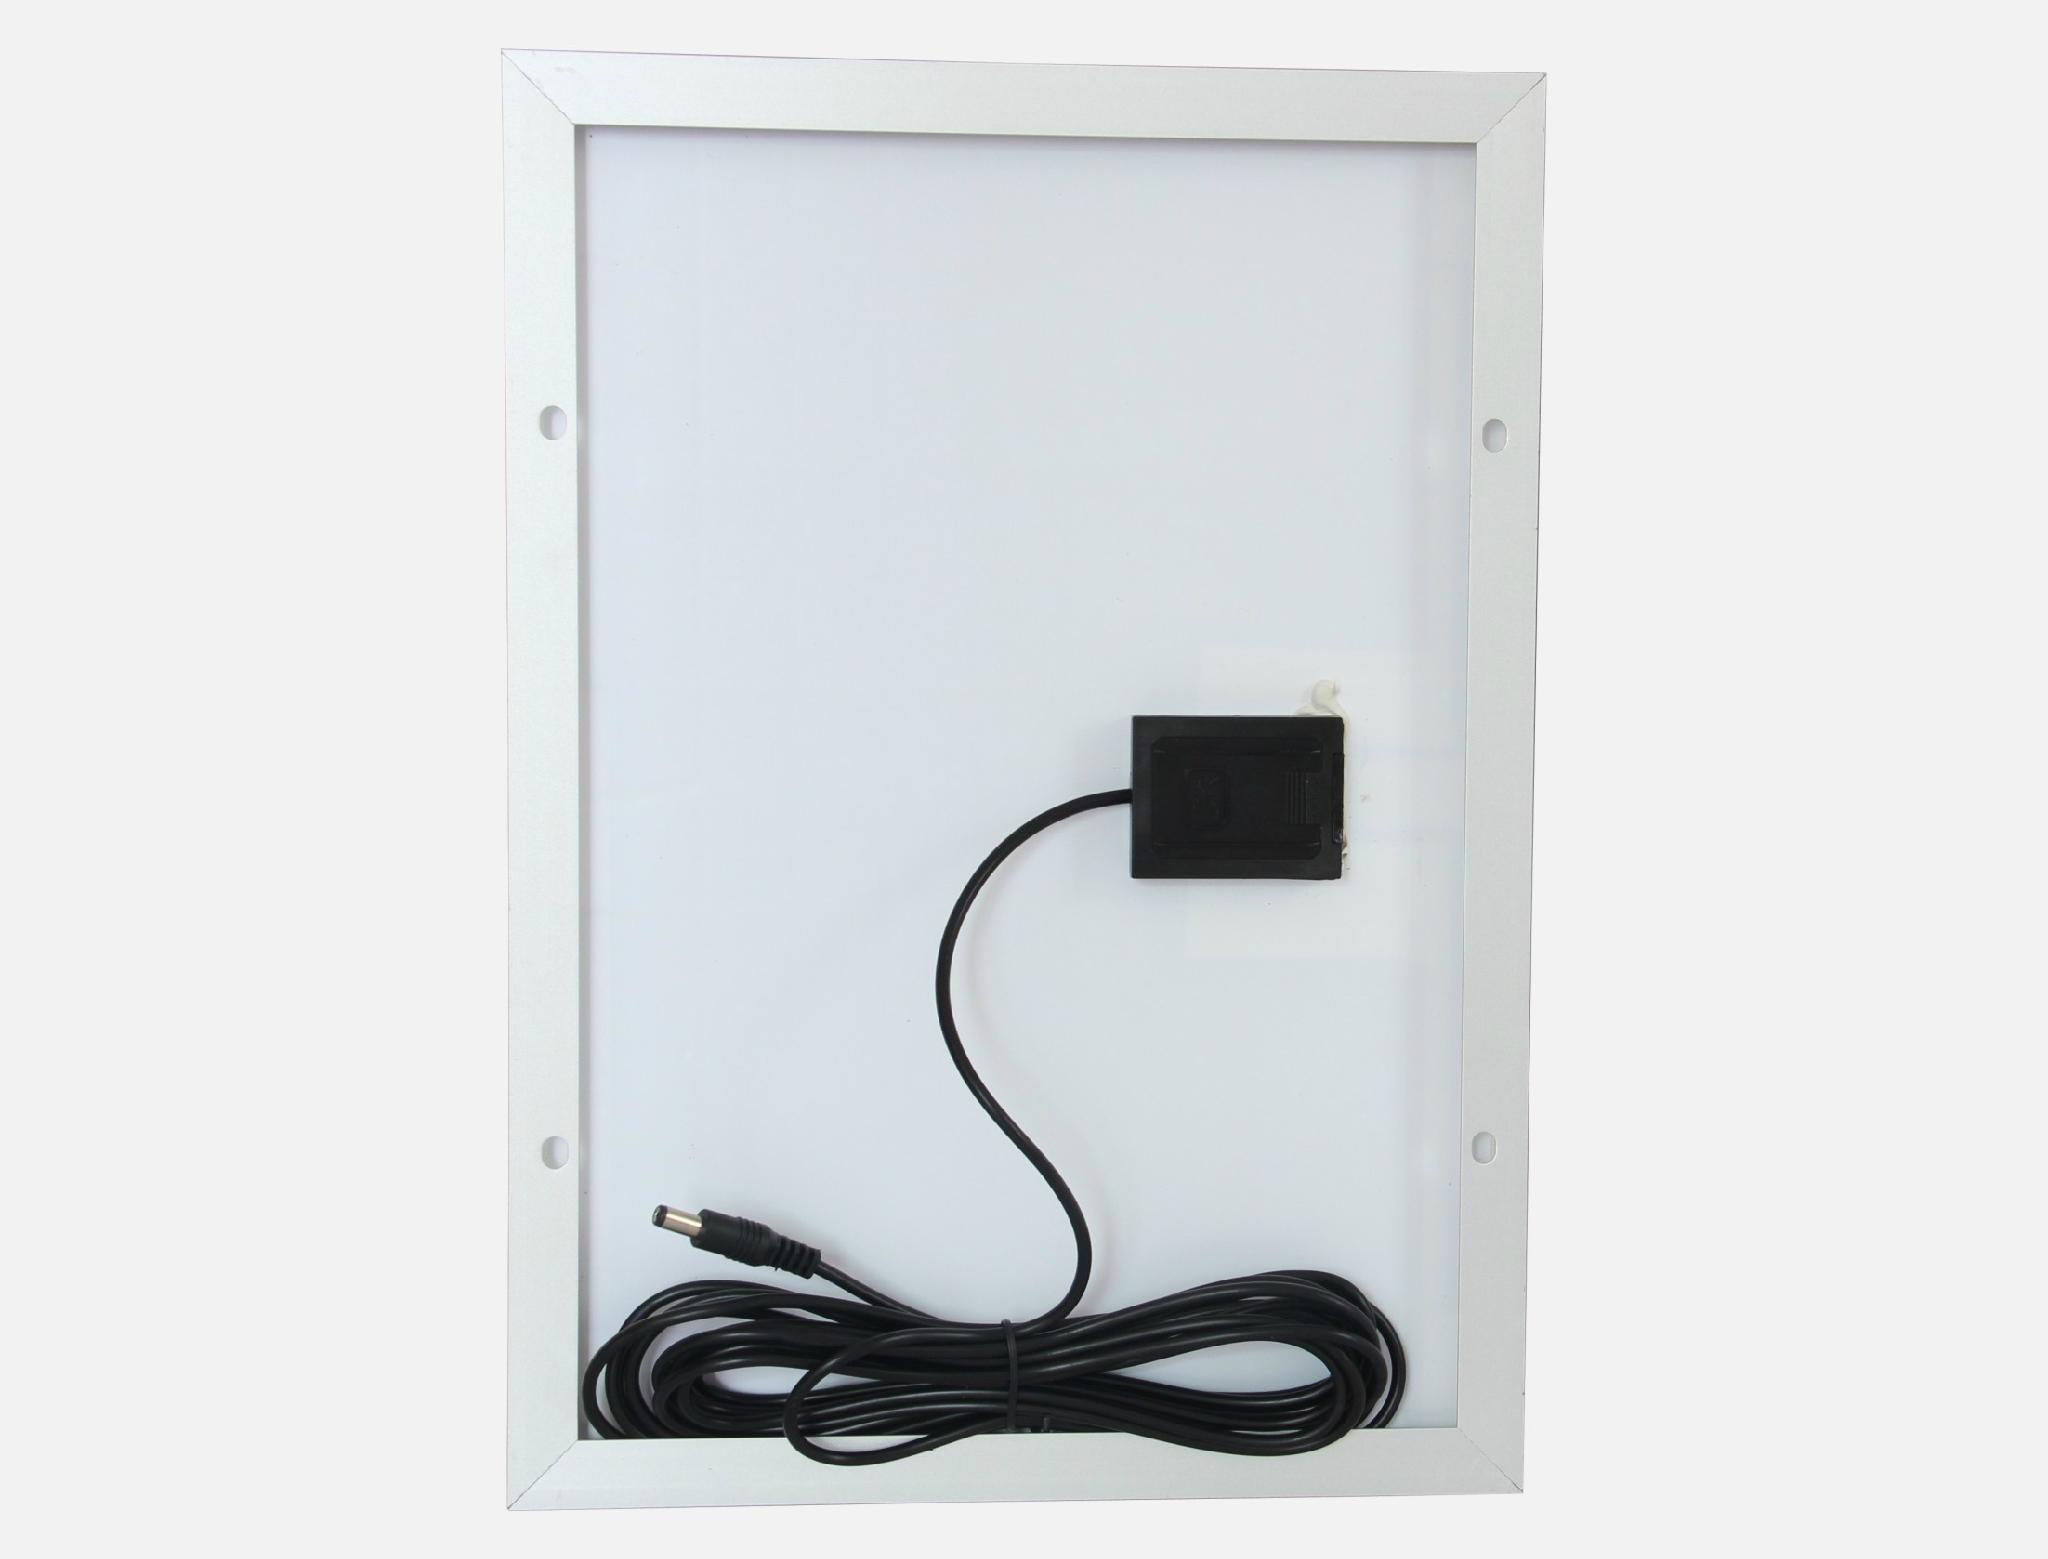 家用太阳能照明系统 5